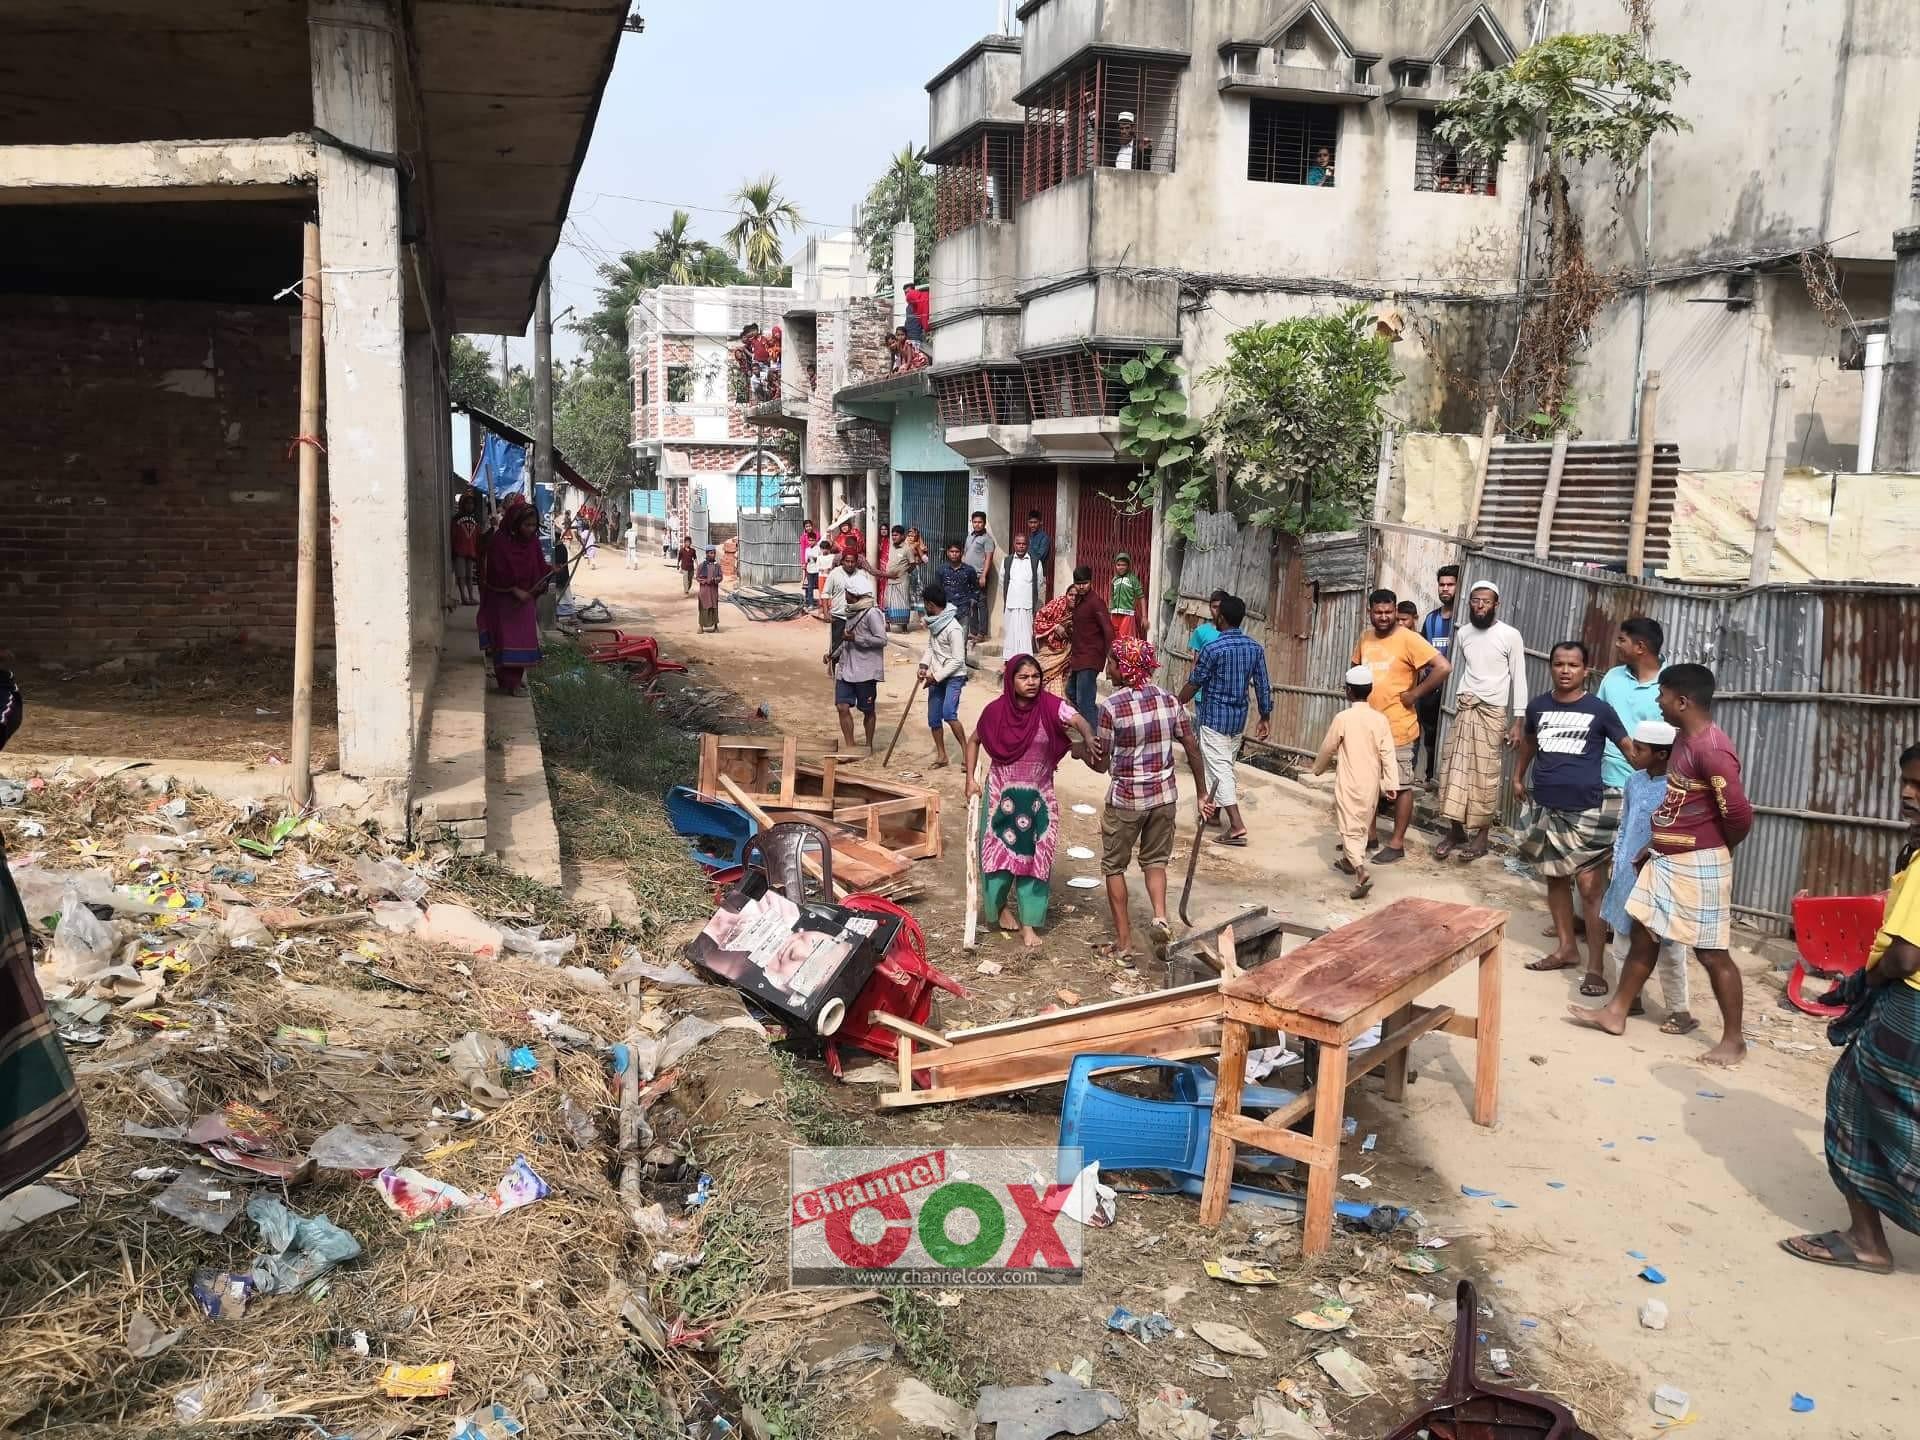 ঝিলংজার দরগায় দিনে দুপুরে সন্ত্রাসী হামলা: দোকান ভাংচুর ও মালামাল লুট